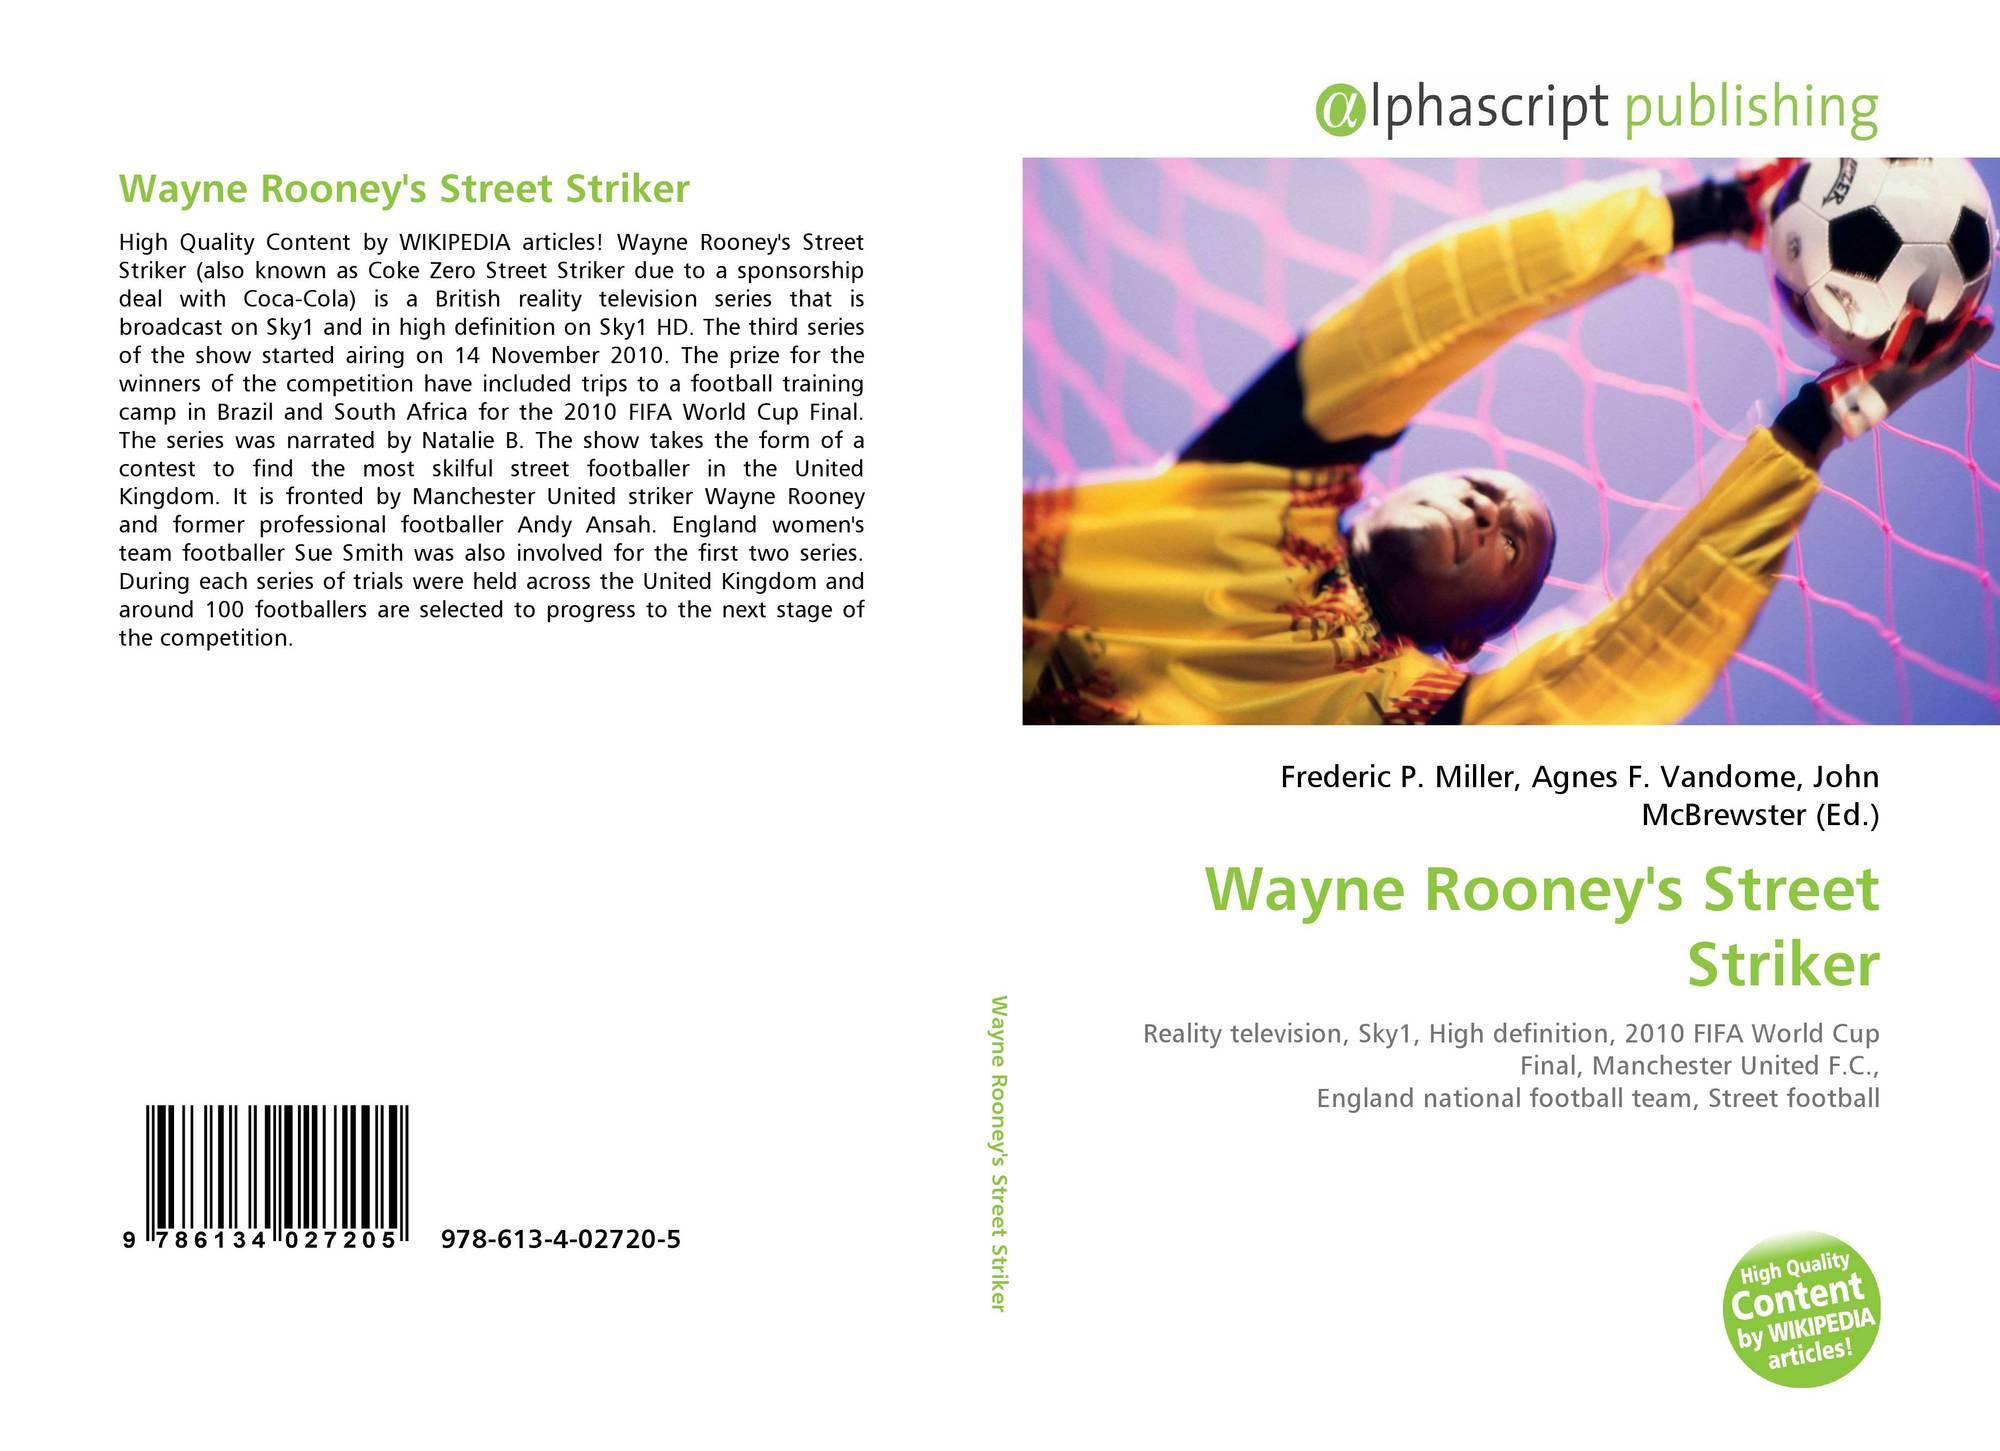 Wayne Rooney S Street Striker 978 613 4 02720 5 6134027200 9786134027205